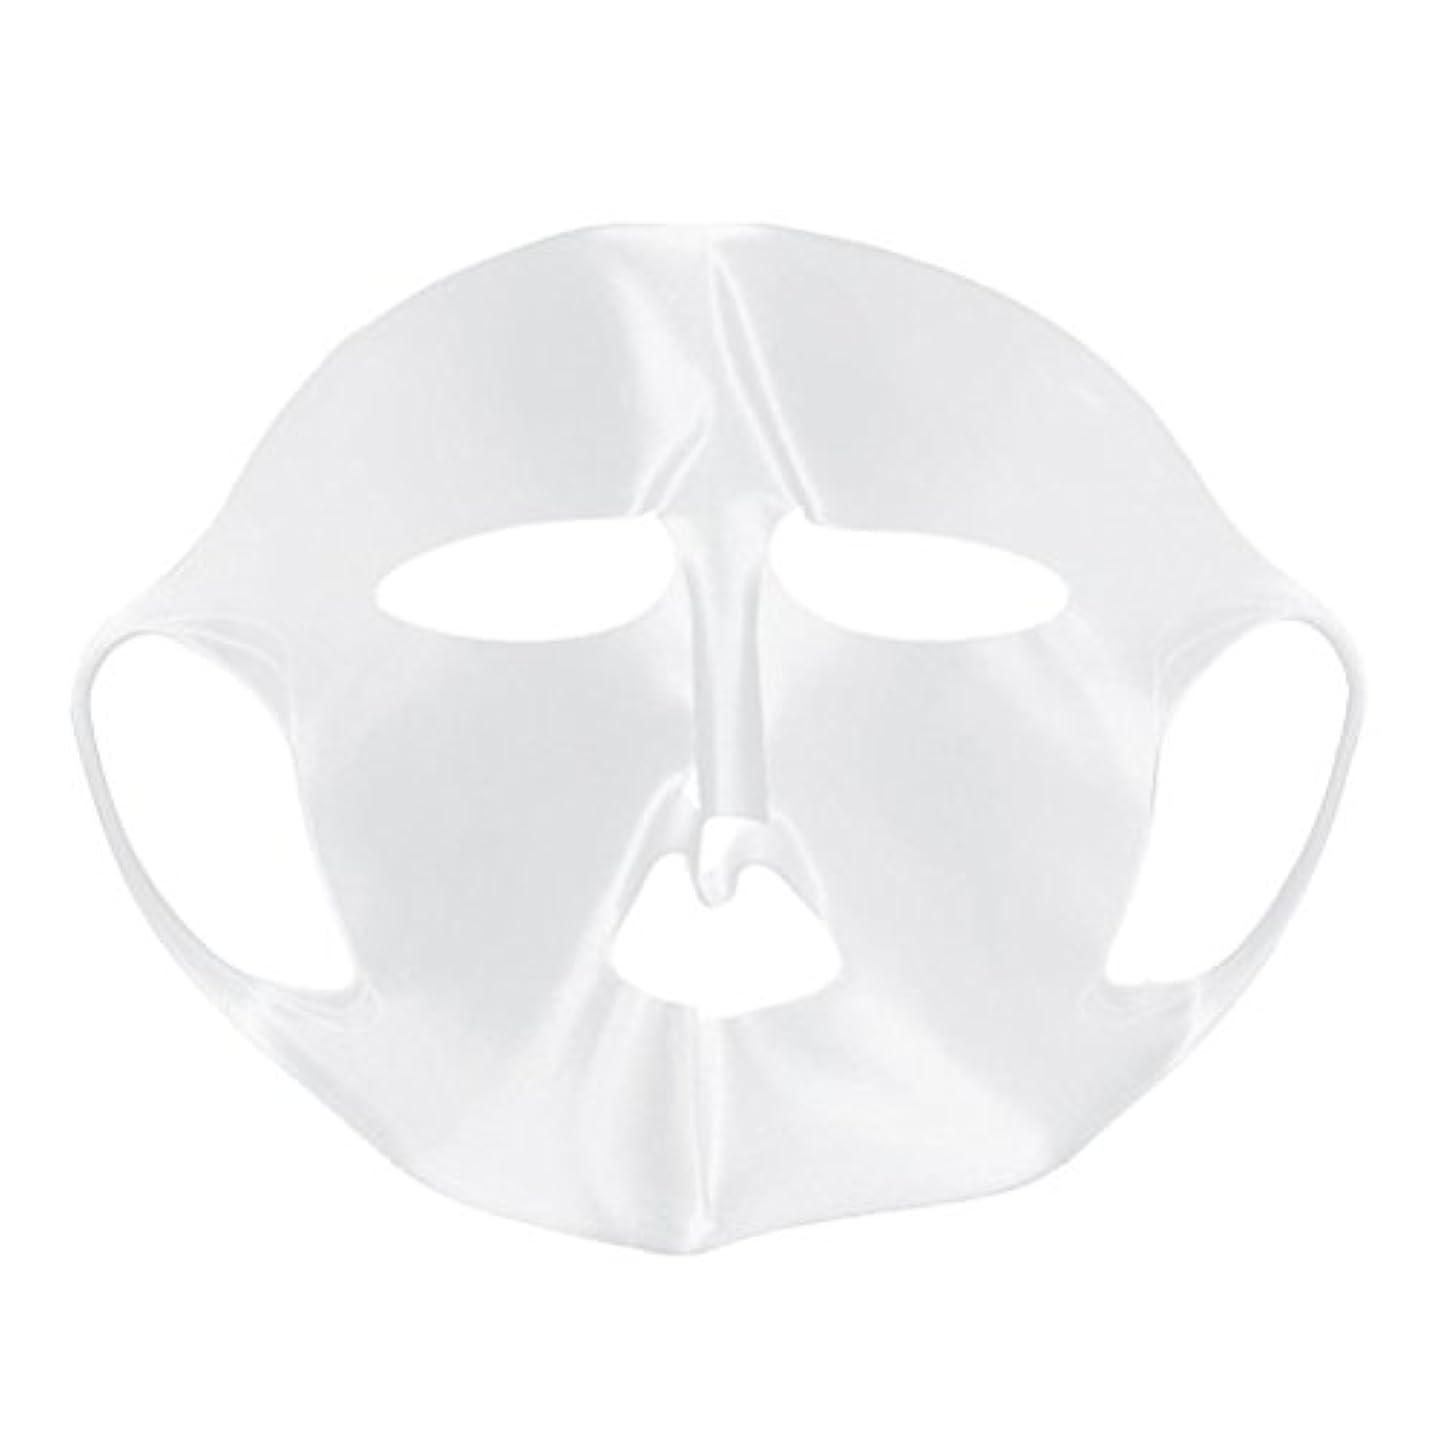 対ディンカルビル脇にBeaupretty シートマスクカバーのためのシリコーンの再使用可能な顔のマスクカバー顔の保湿マスク